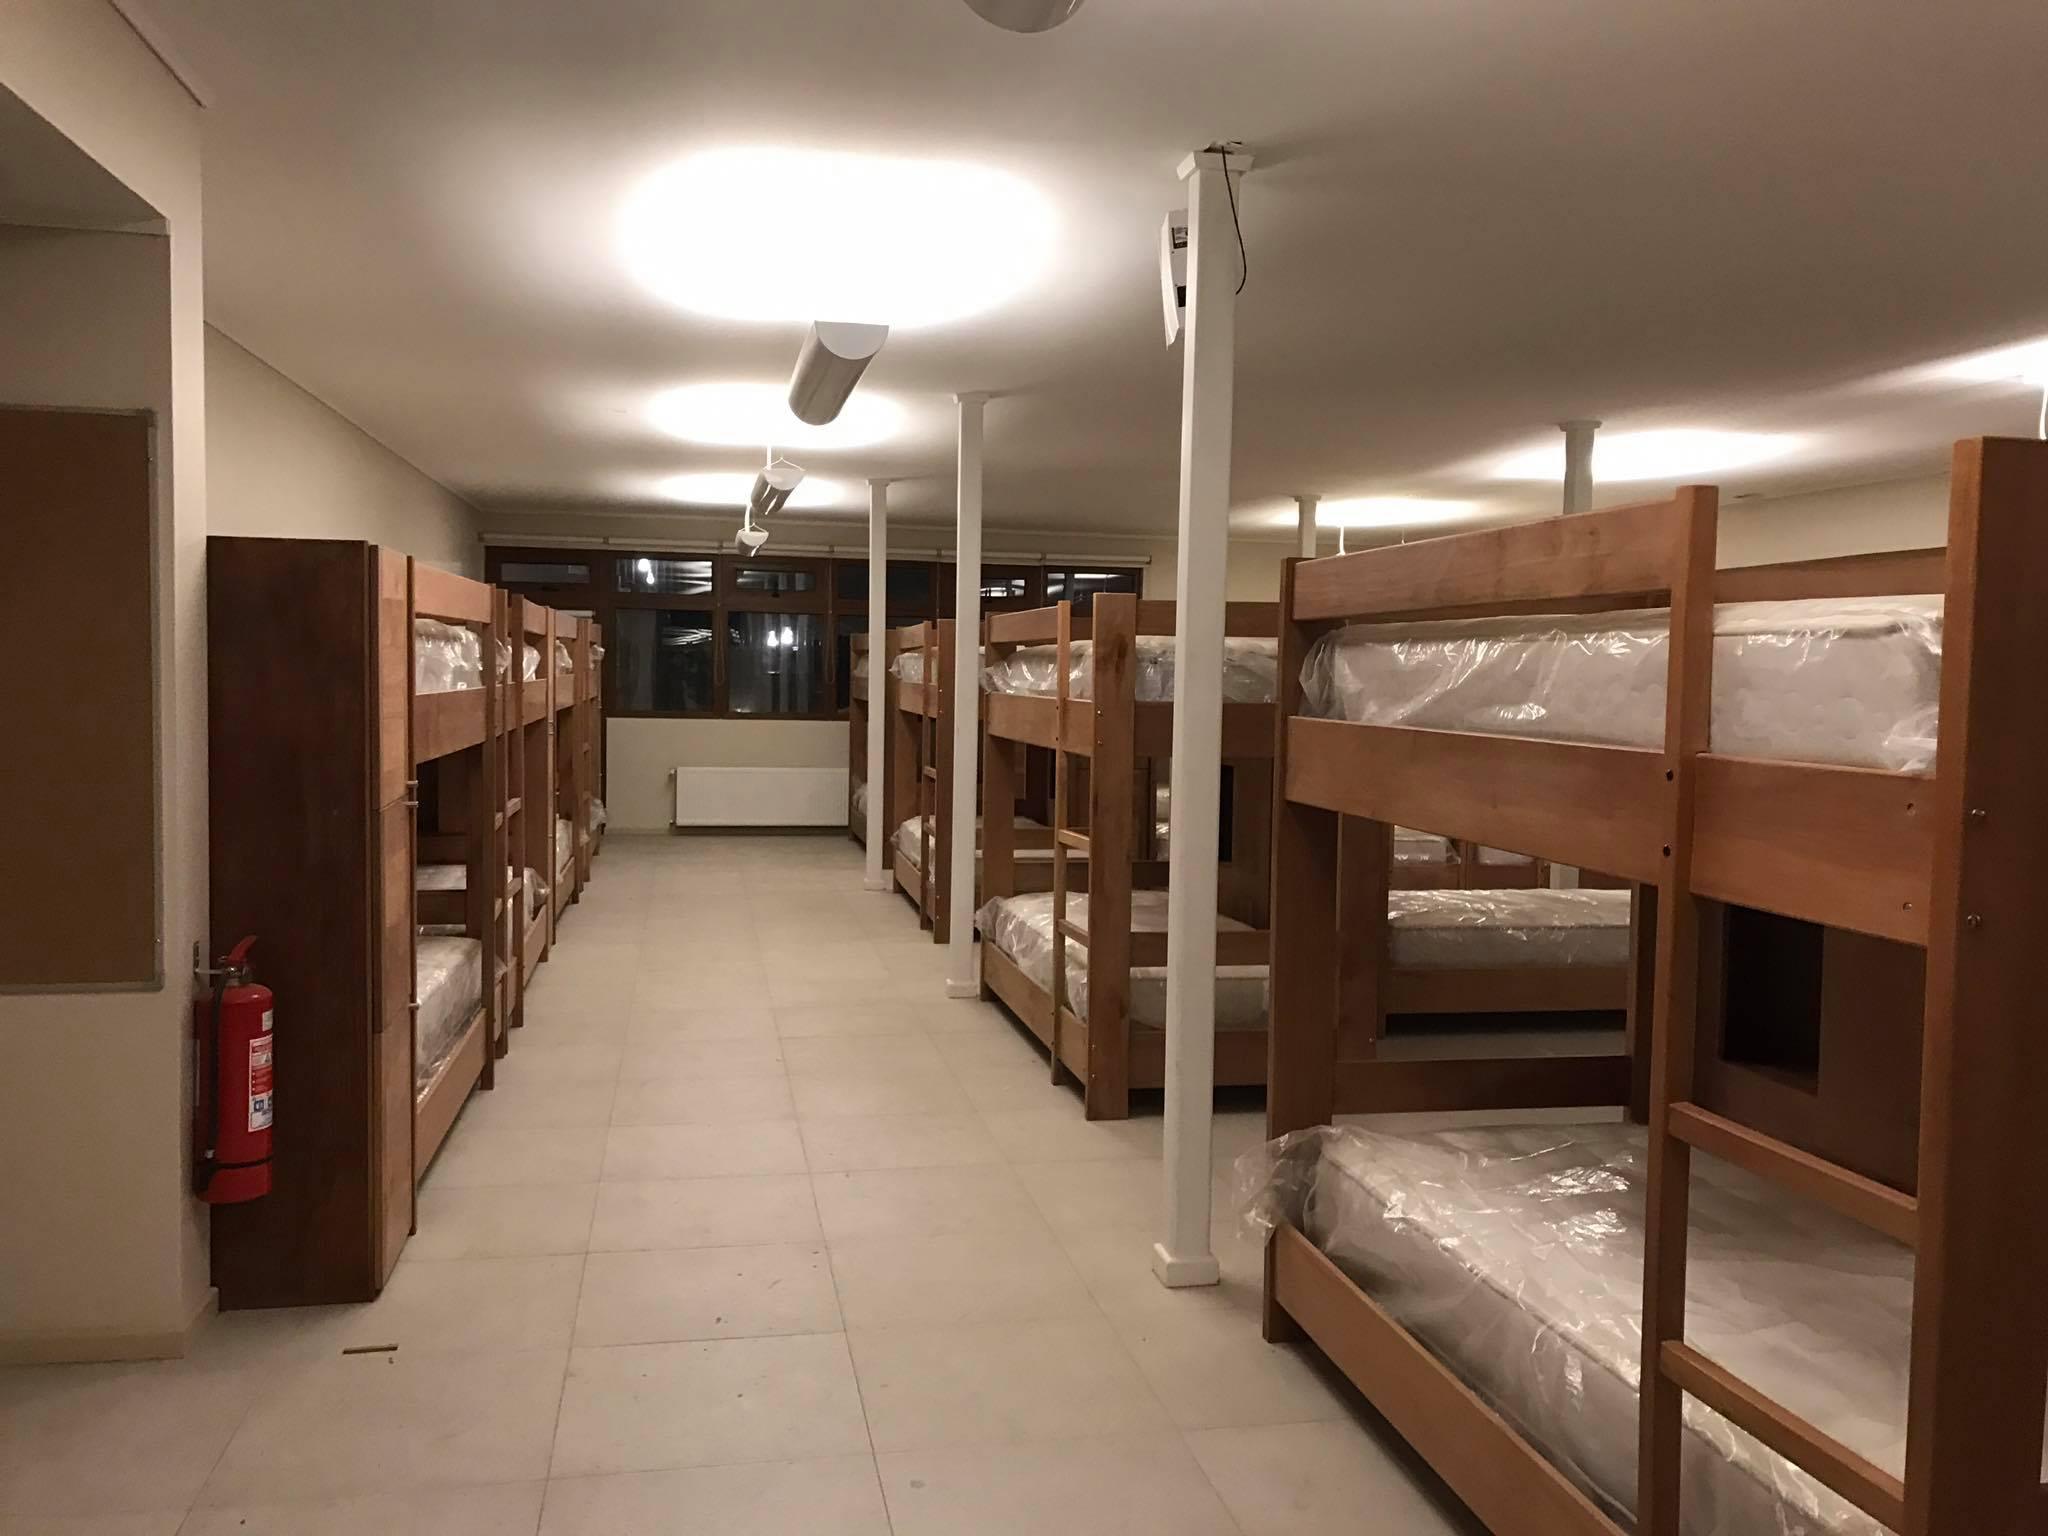 Kamasypetacas_camasplegables_dormitorio (182)